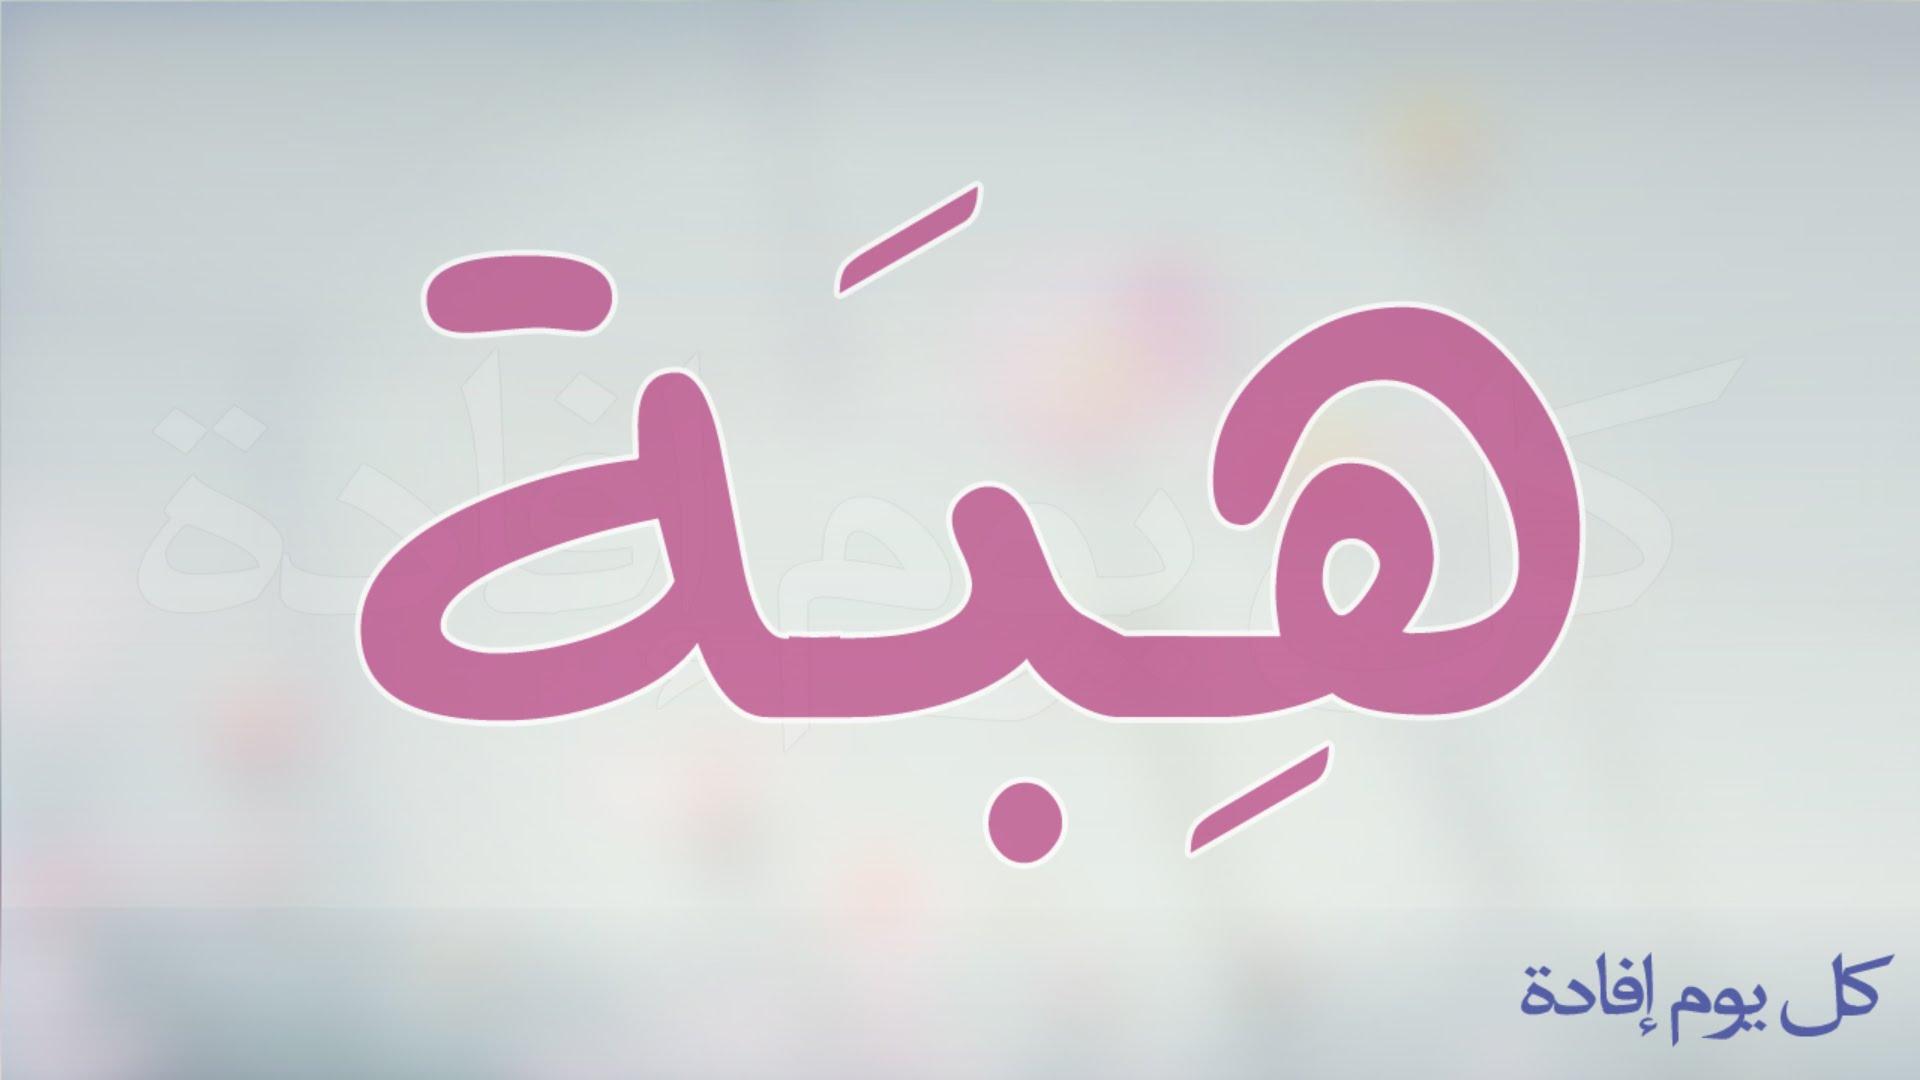 صور معنى اسم هبة , معني واسرار اسم هبه